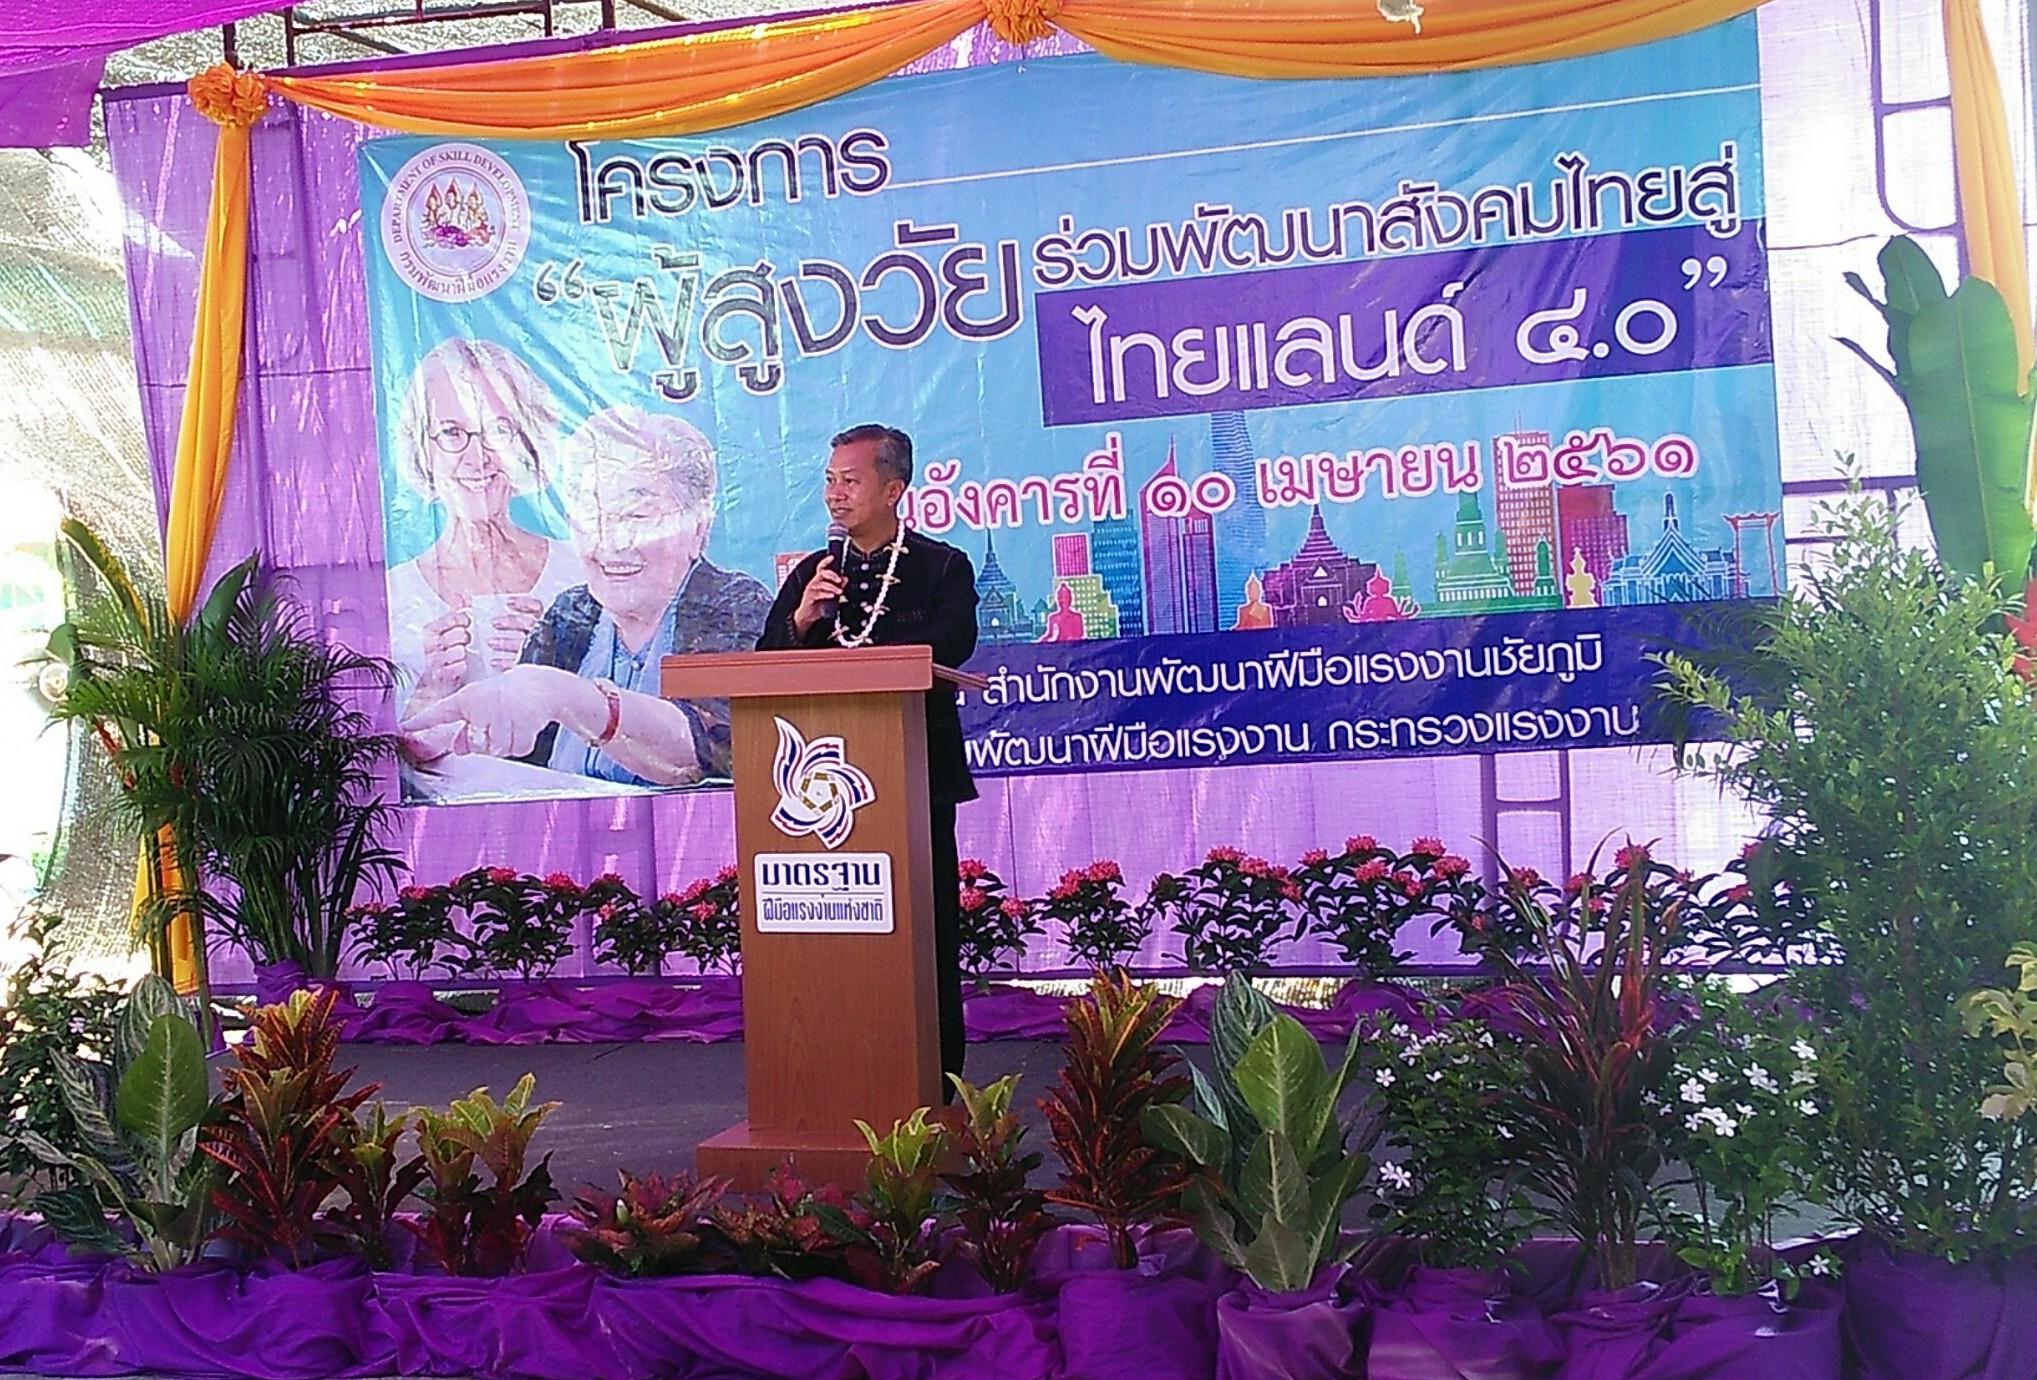 """ร่วมจัดงานโครงการ """"ผู้สูงวัยร่วมพัฒนาสังคมไทยสู่ไทยแลนด์ 4.0"""